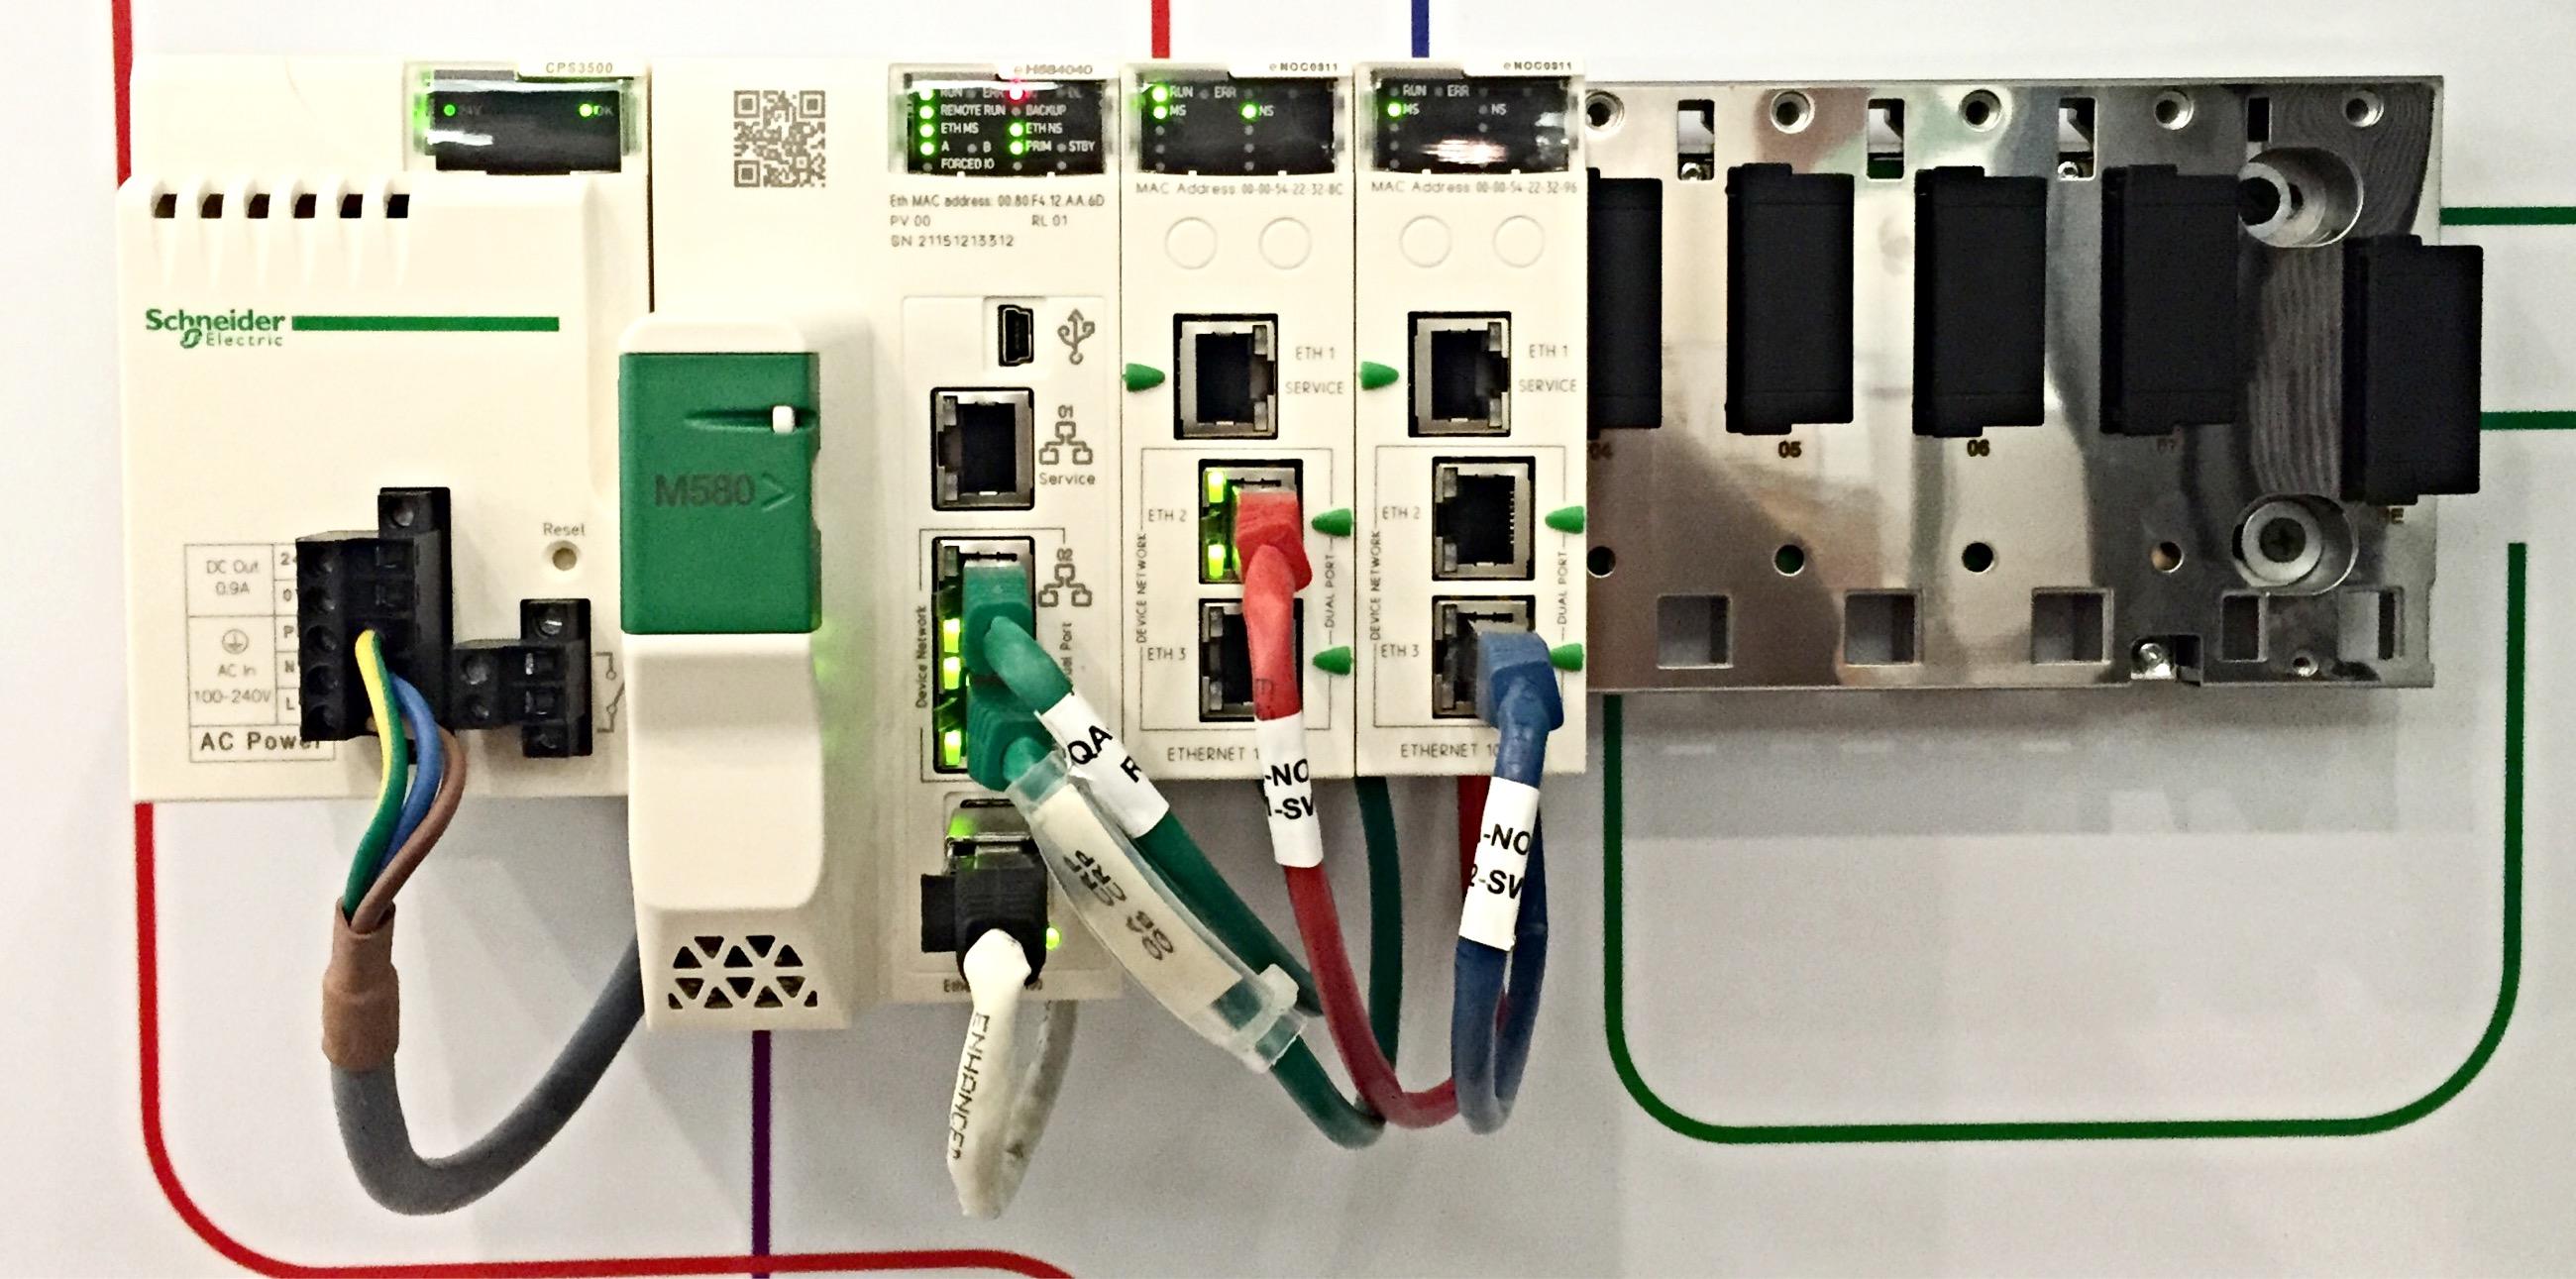 ePac Controller : - MODICON M580